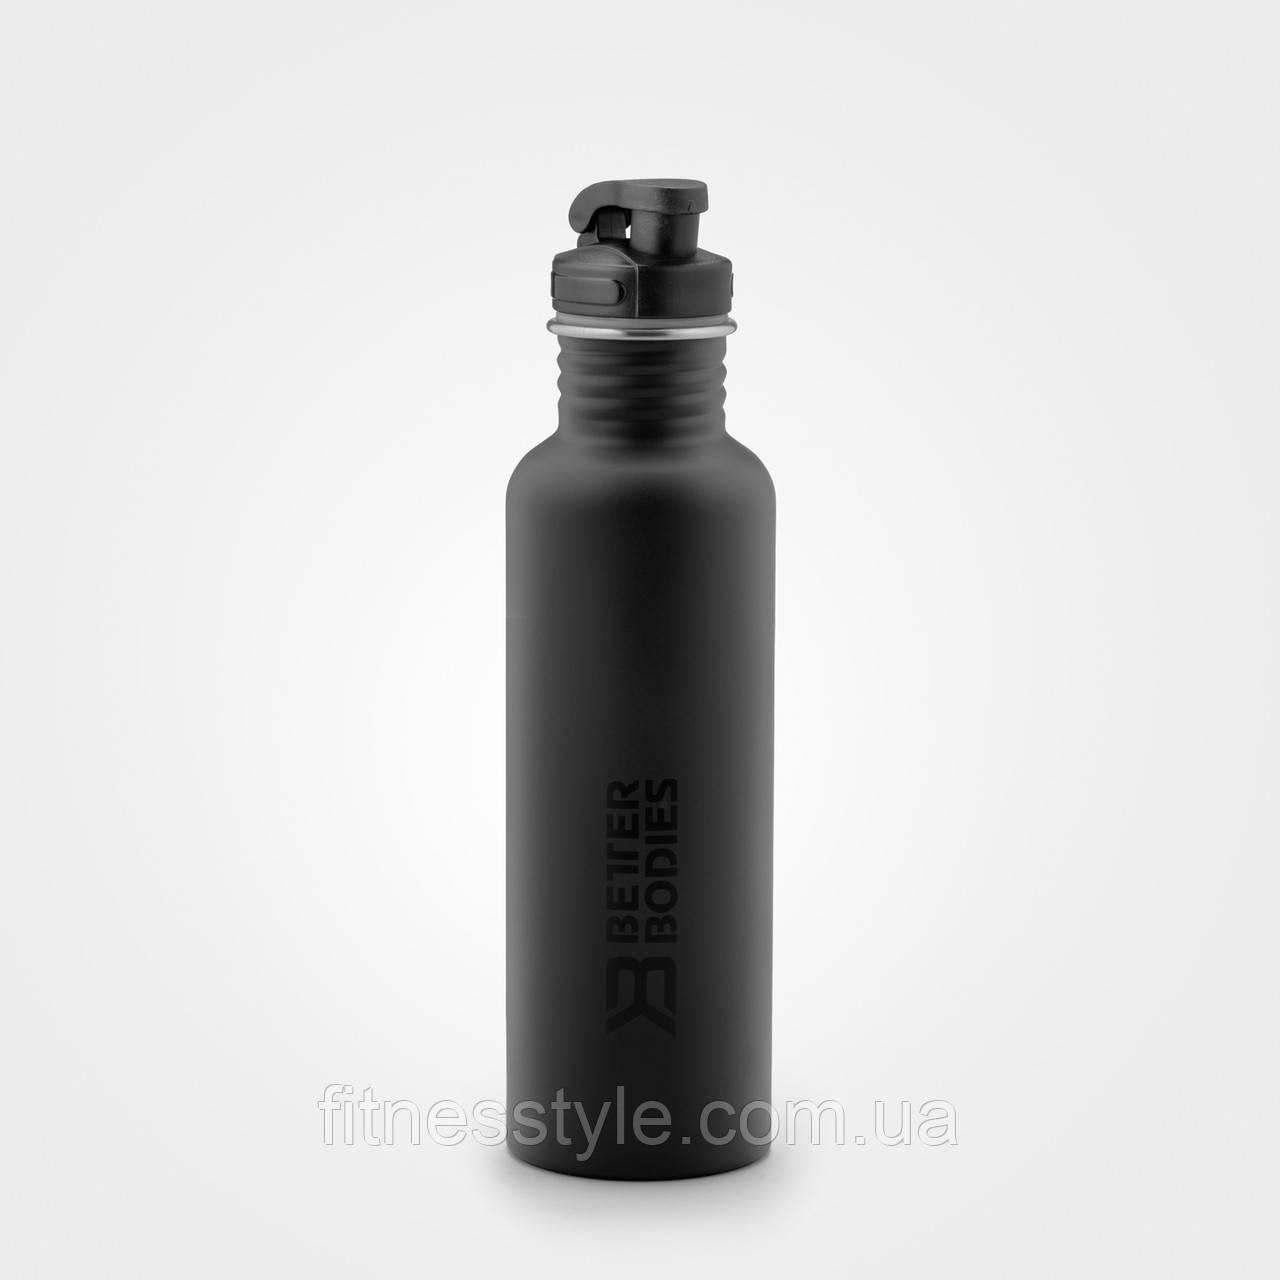 Бутылка для воды Better Bodies Fulton bottle, Black